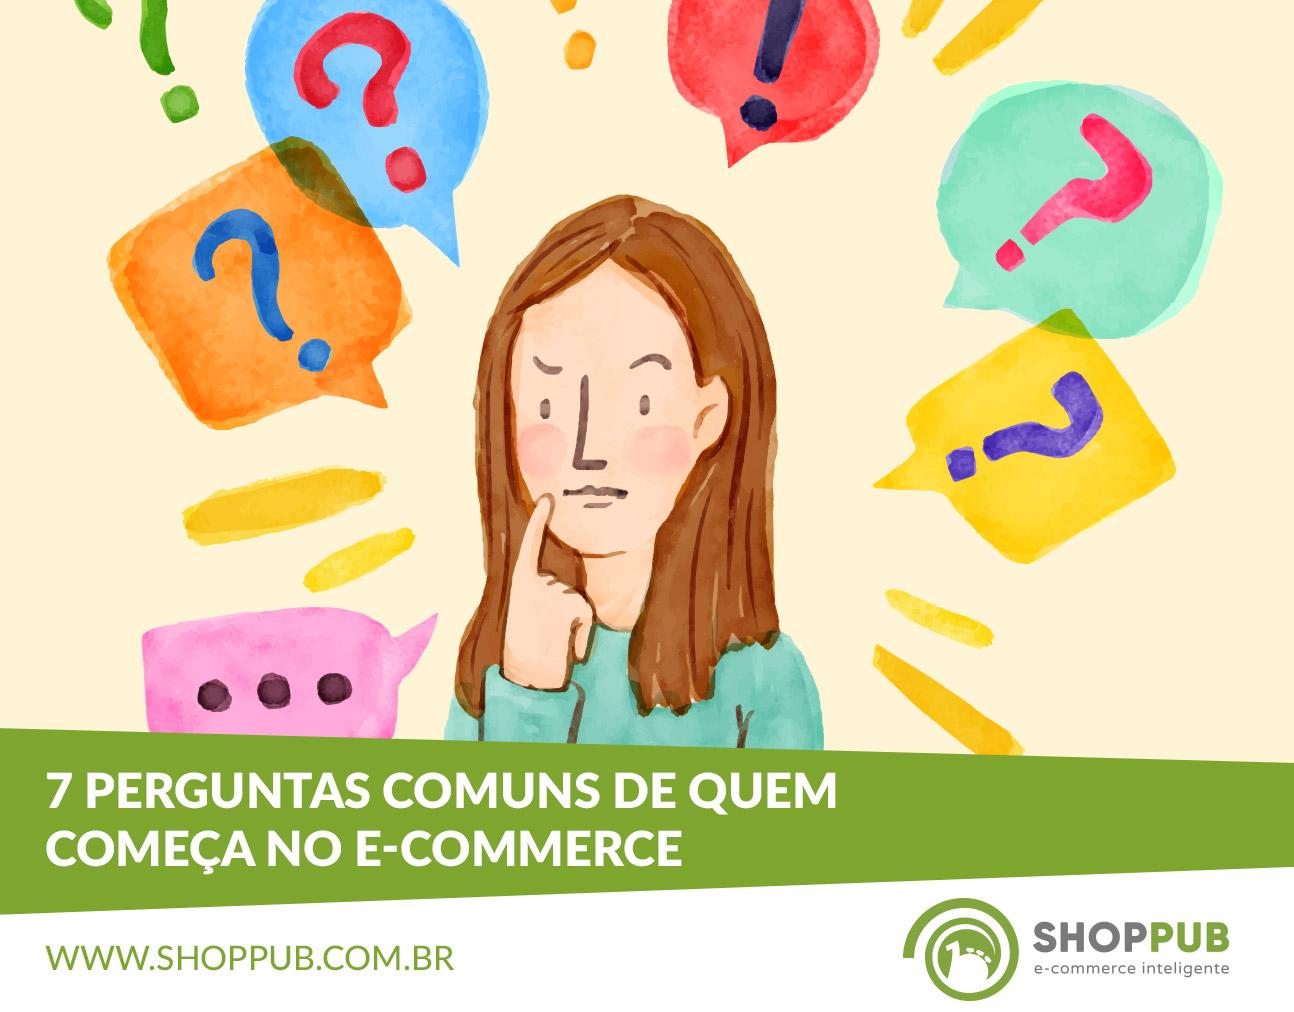 7 perguntas comuns de quem começa no e-commerce